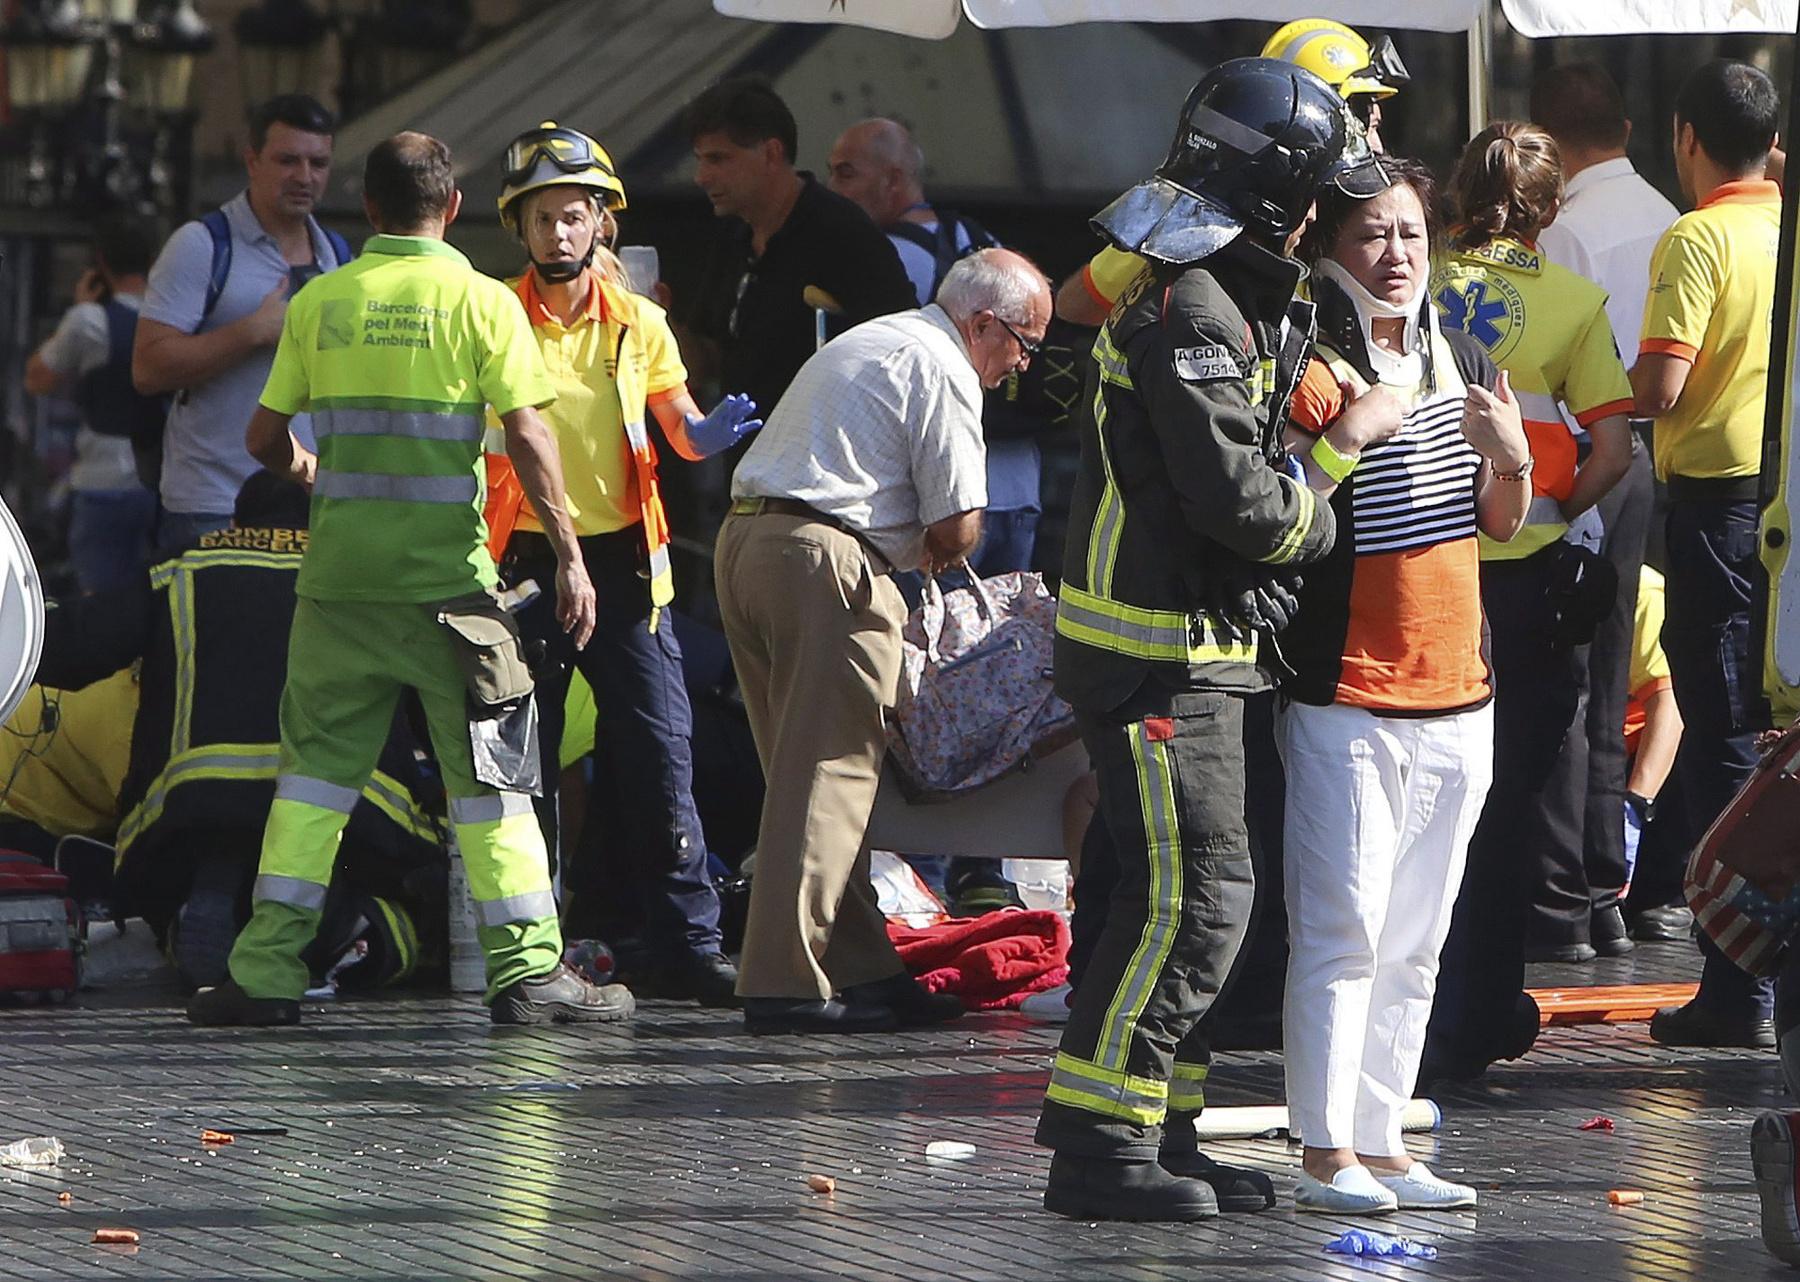 Néhány órával a barcelonai merénylet után újabbat hajtottak végre a terroristák a katalán fővárostól száz kilométerre fekvő Cambrilsban. Öt férfi hajtott egy Audi A3 autóval gyalogosok közé, hét embert – köztük egy rendőrt –  megsebesítettek, kettejük állapota válságos.